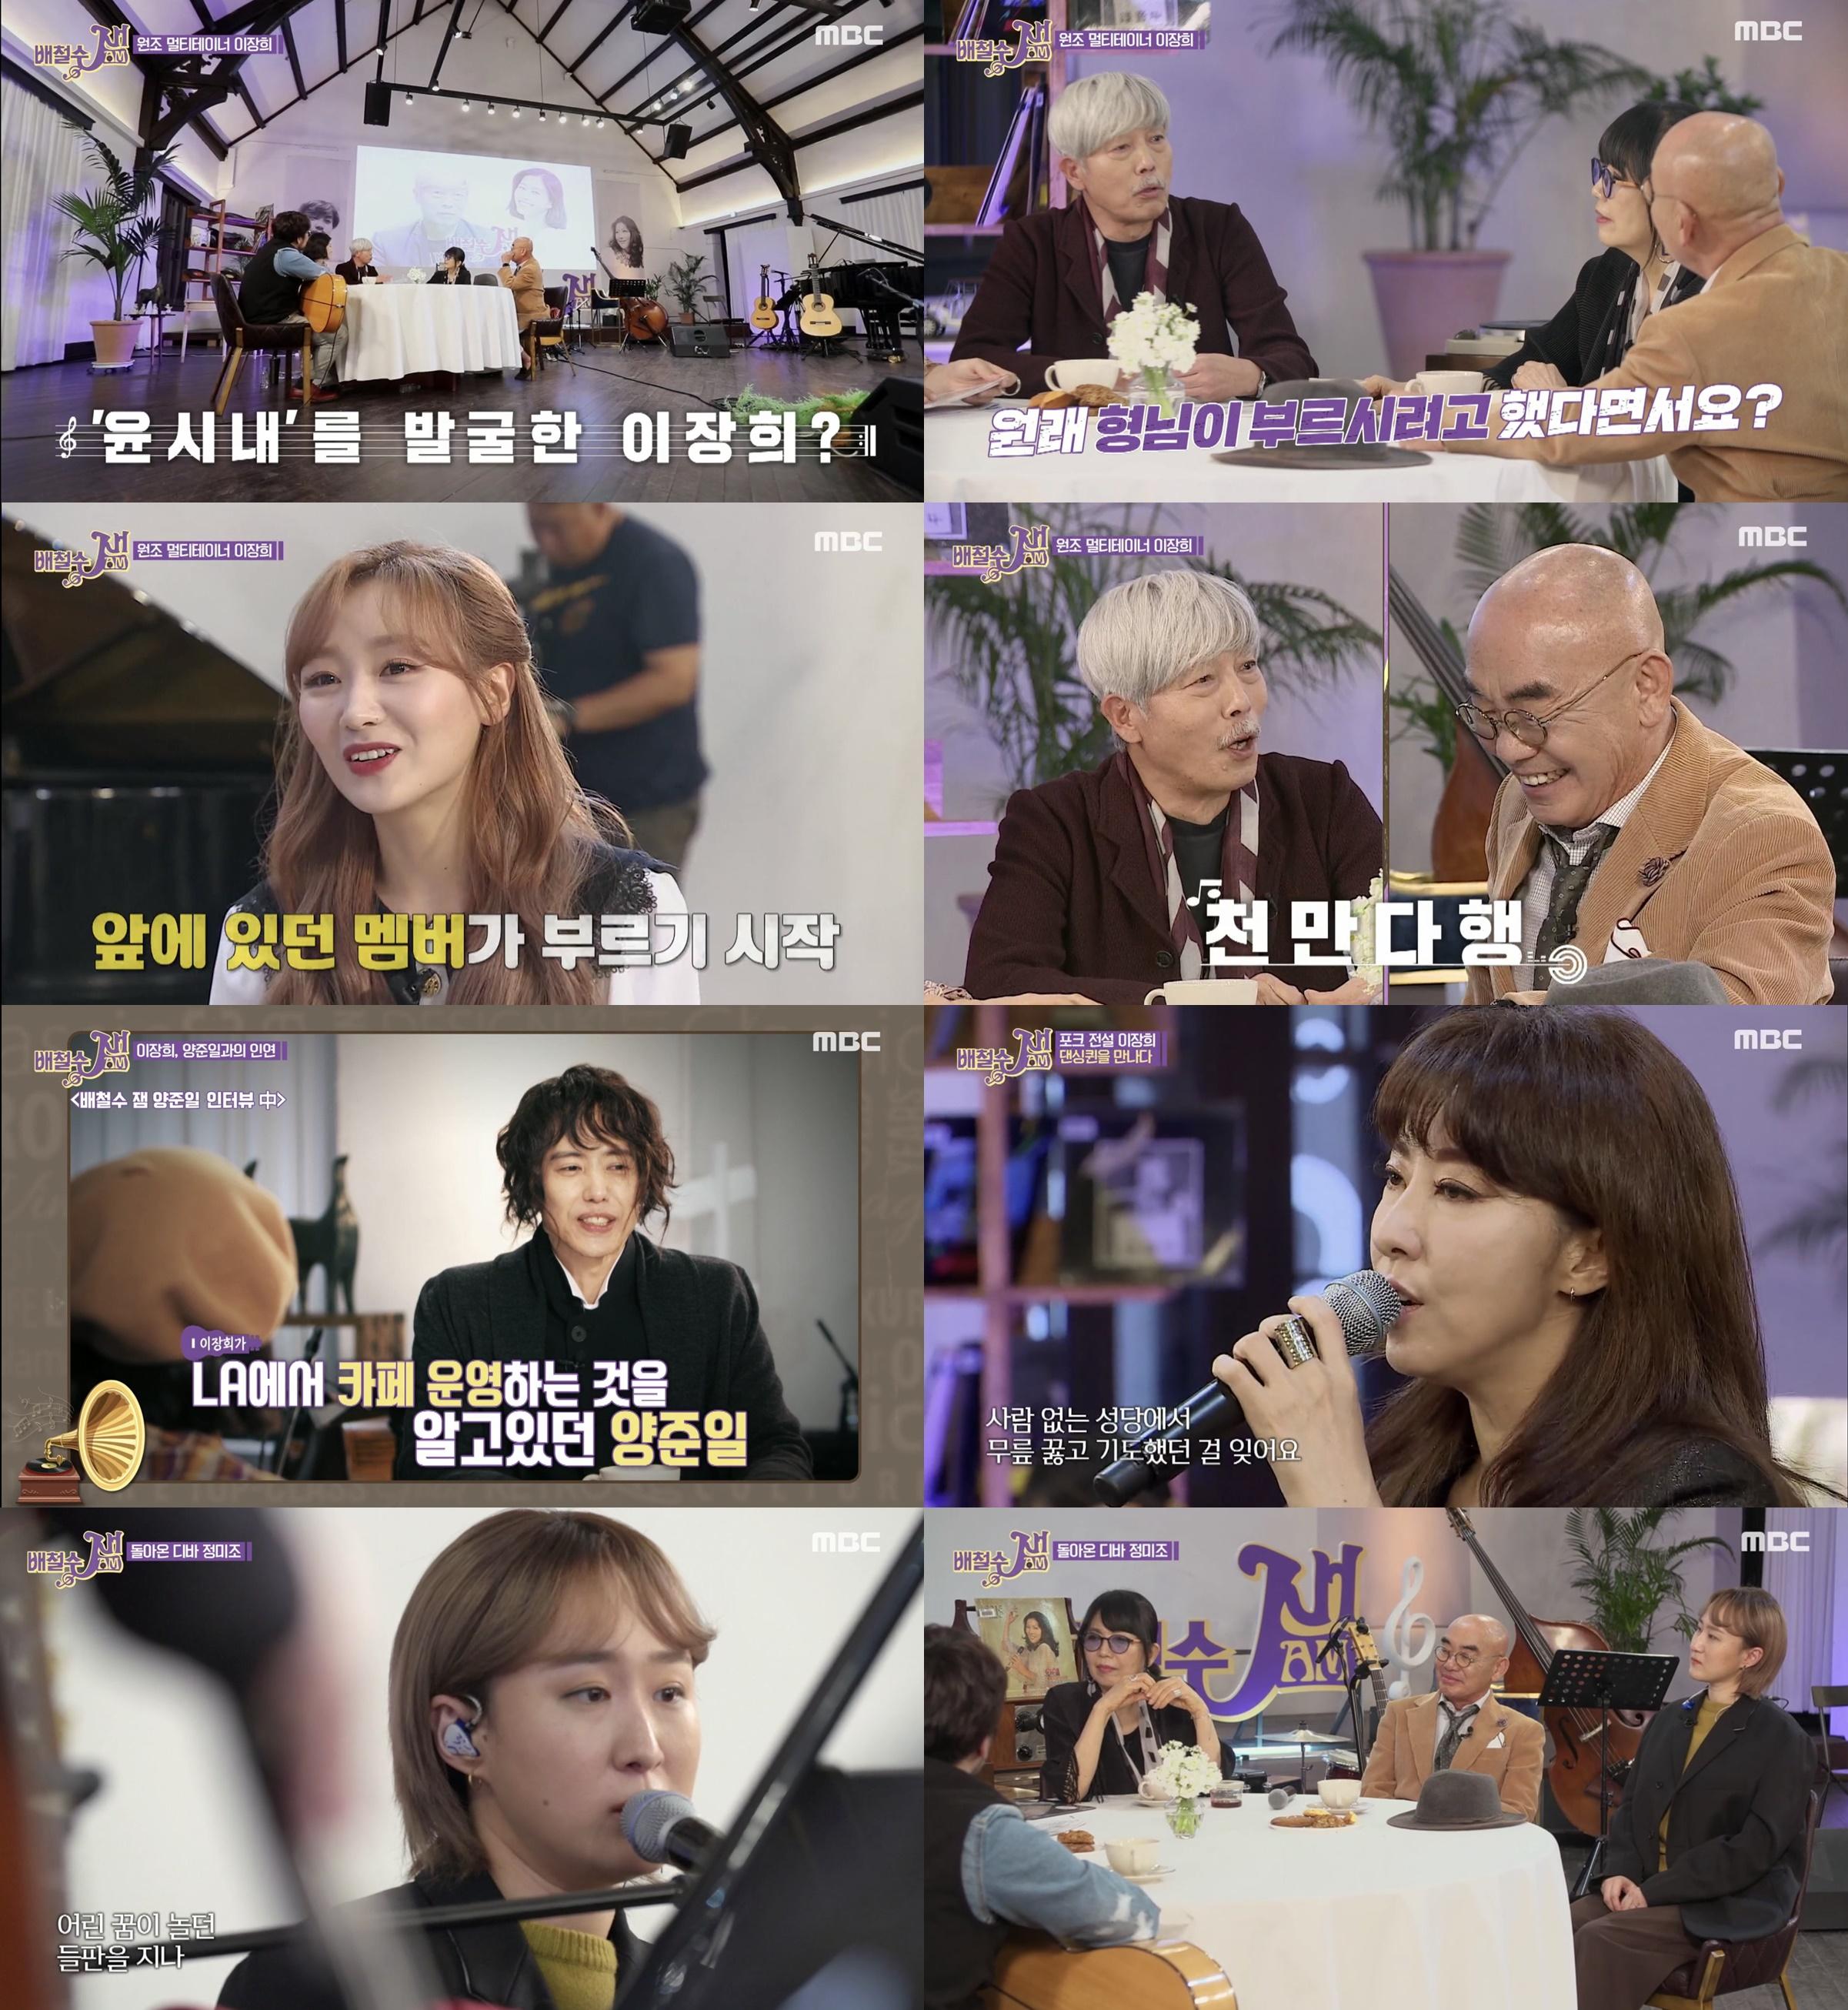 '배철수 잼' 이장희X정미조, 솔직담백 이야기+감동적 무대='믿.듣.쇼' 탄생!